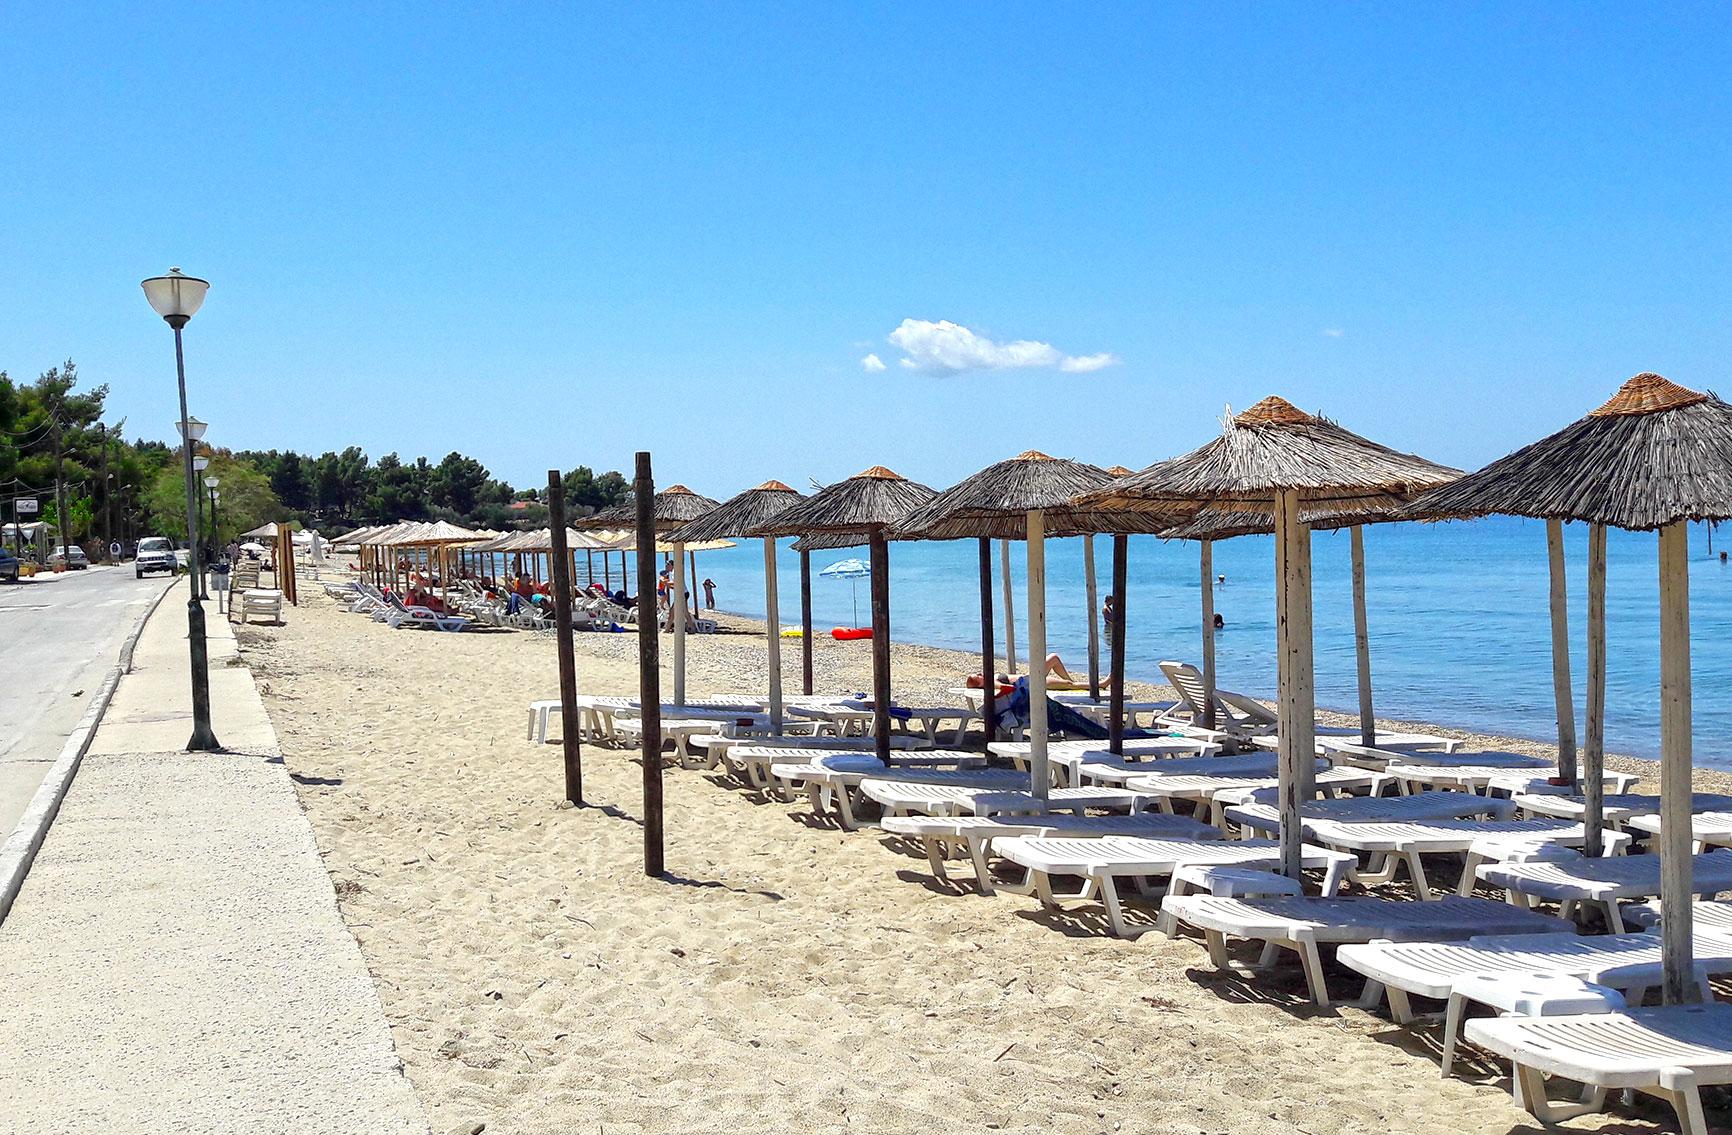 Paradisos Beach - Sithonia, Halkidiki